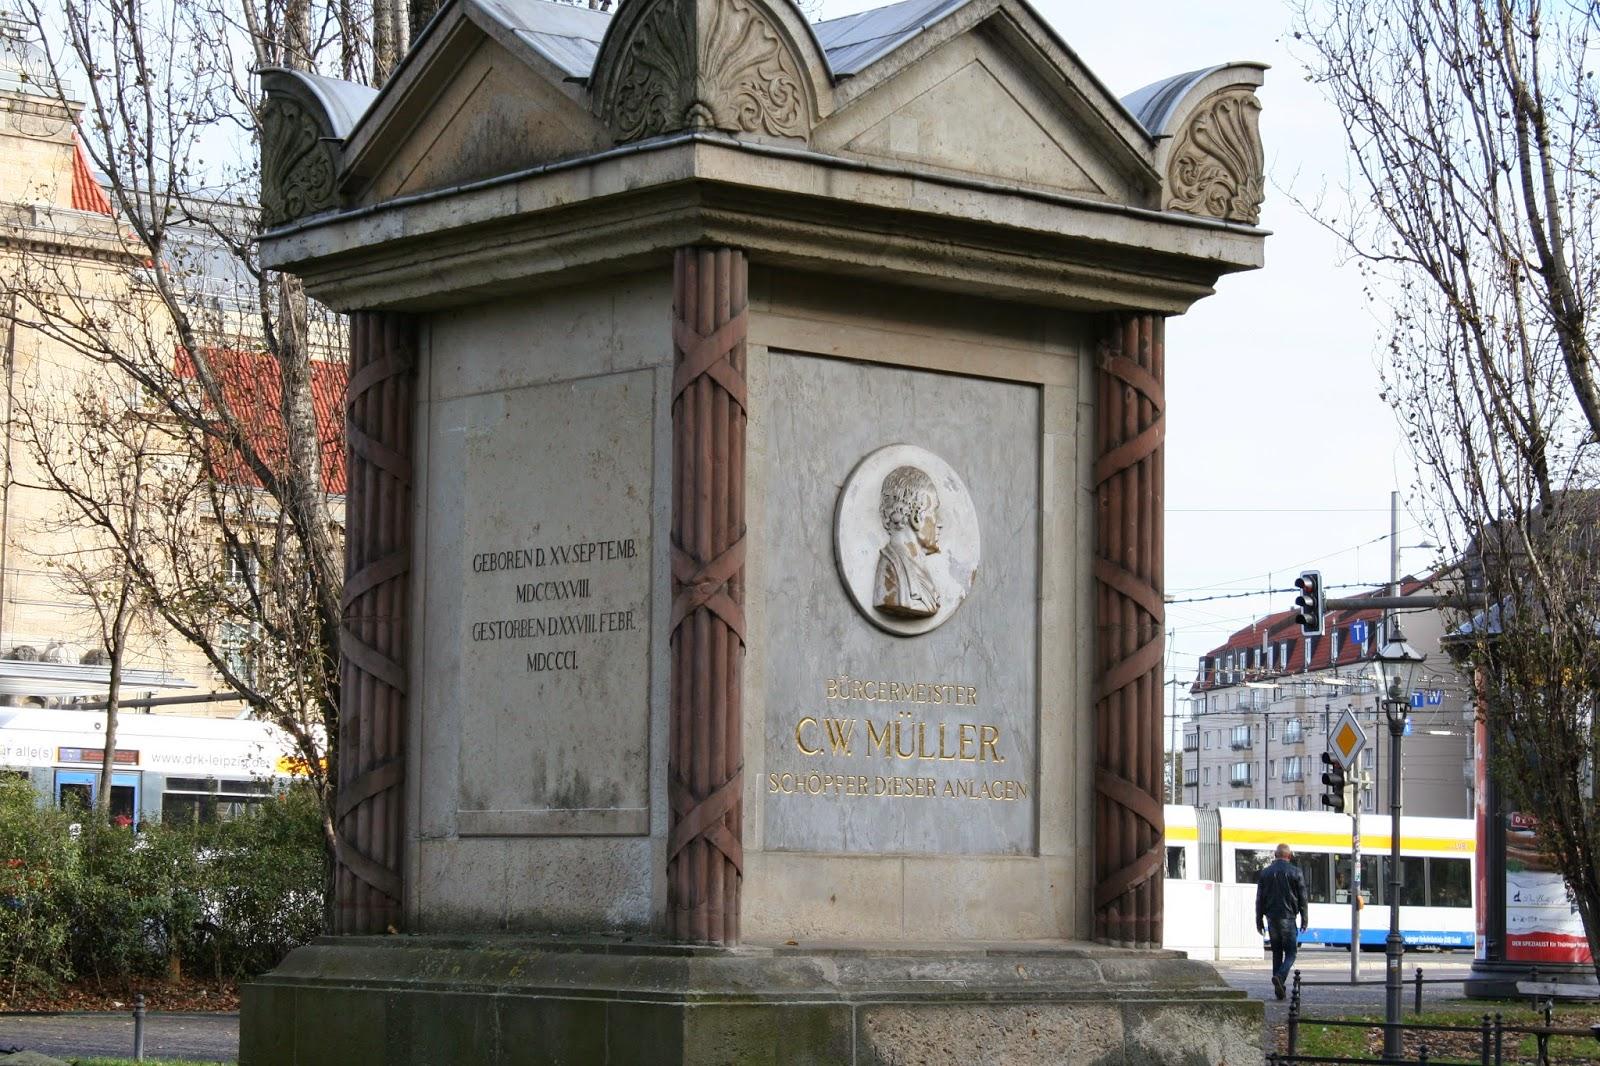 Das Denkmal wurde 1819 zu Ehren des Bürgermeisters C. W. Müller in den Promenadenanlagen erbaut